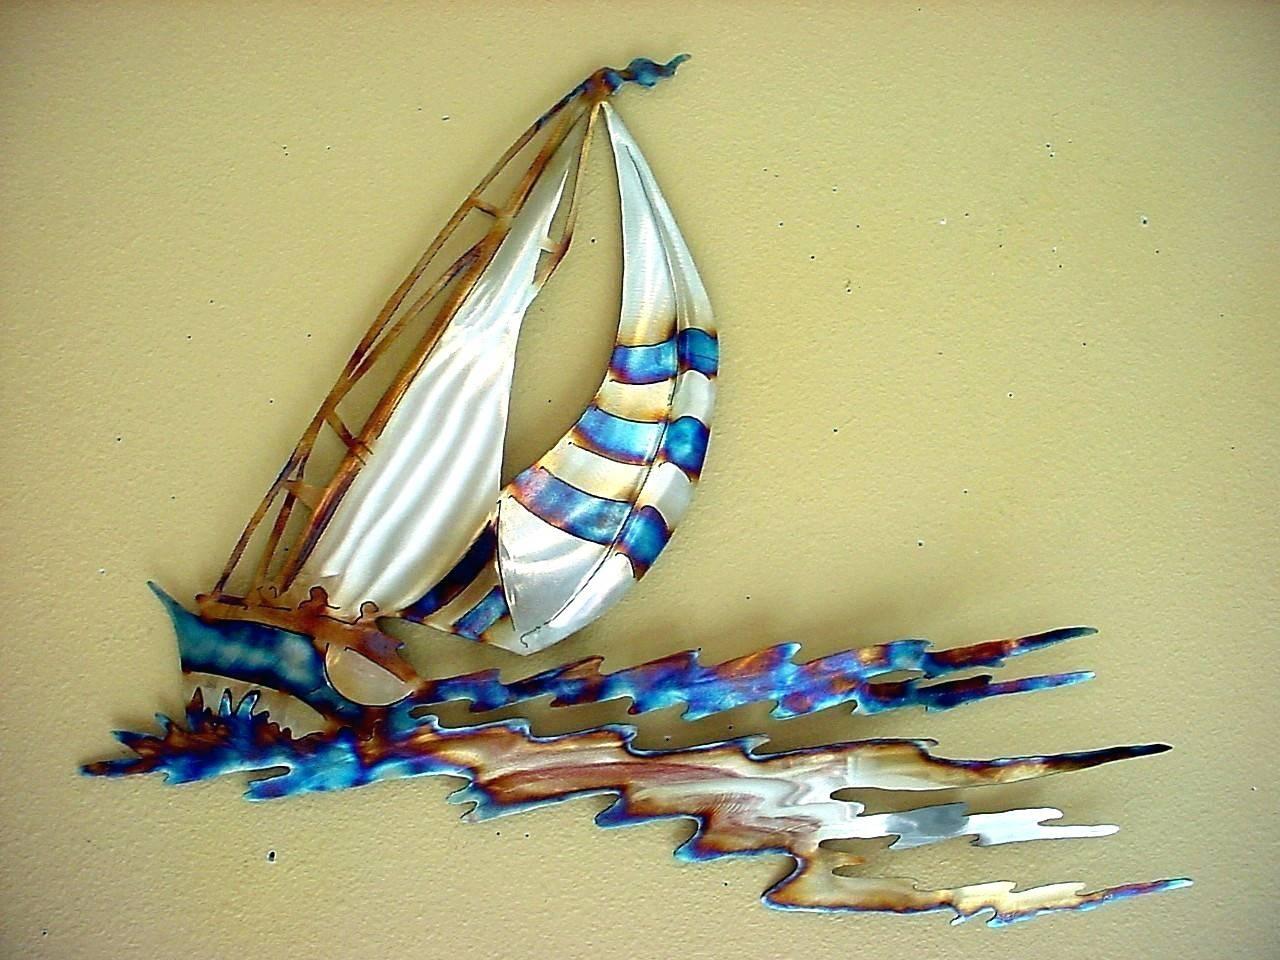 Wall Arts ~ Sailing Ship Metal Wall Art Large Metal Sailboat Wall In Most Popular Metal Wall Art Ships (View 17 of 20)